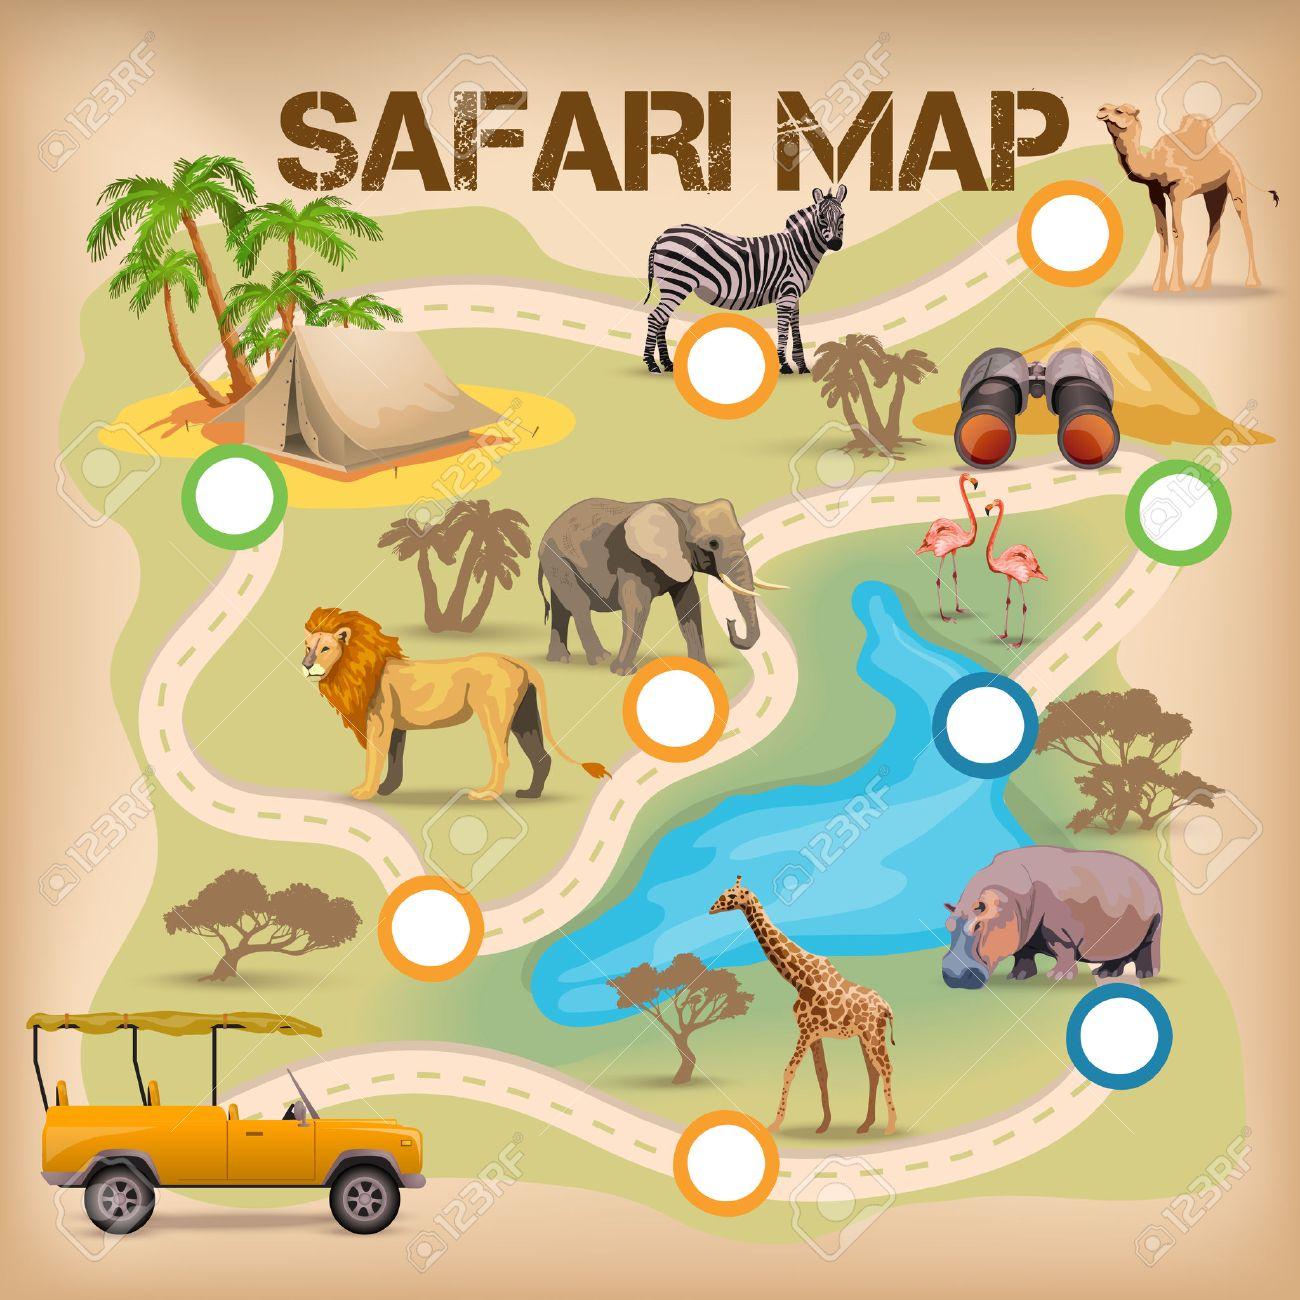 サファリ マップとアフリカ動物アイコン分離ベクトル イラストとゲーム